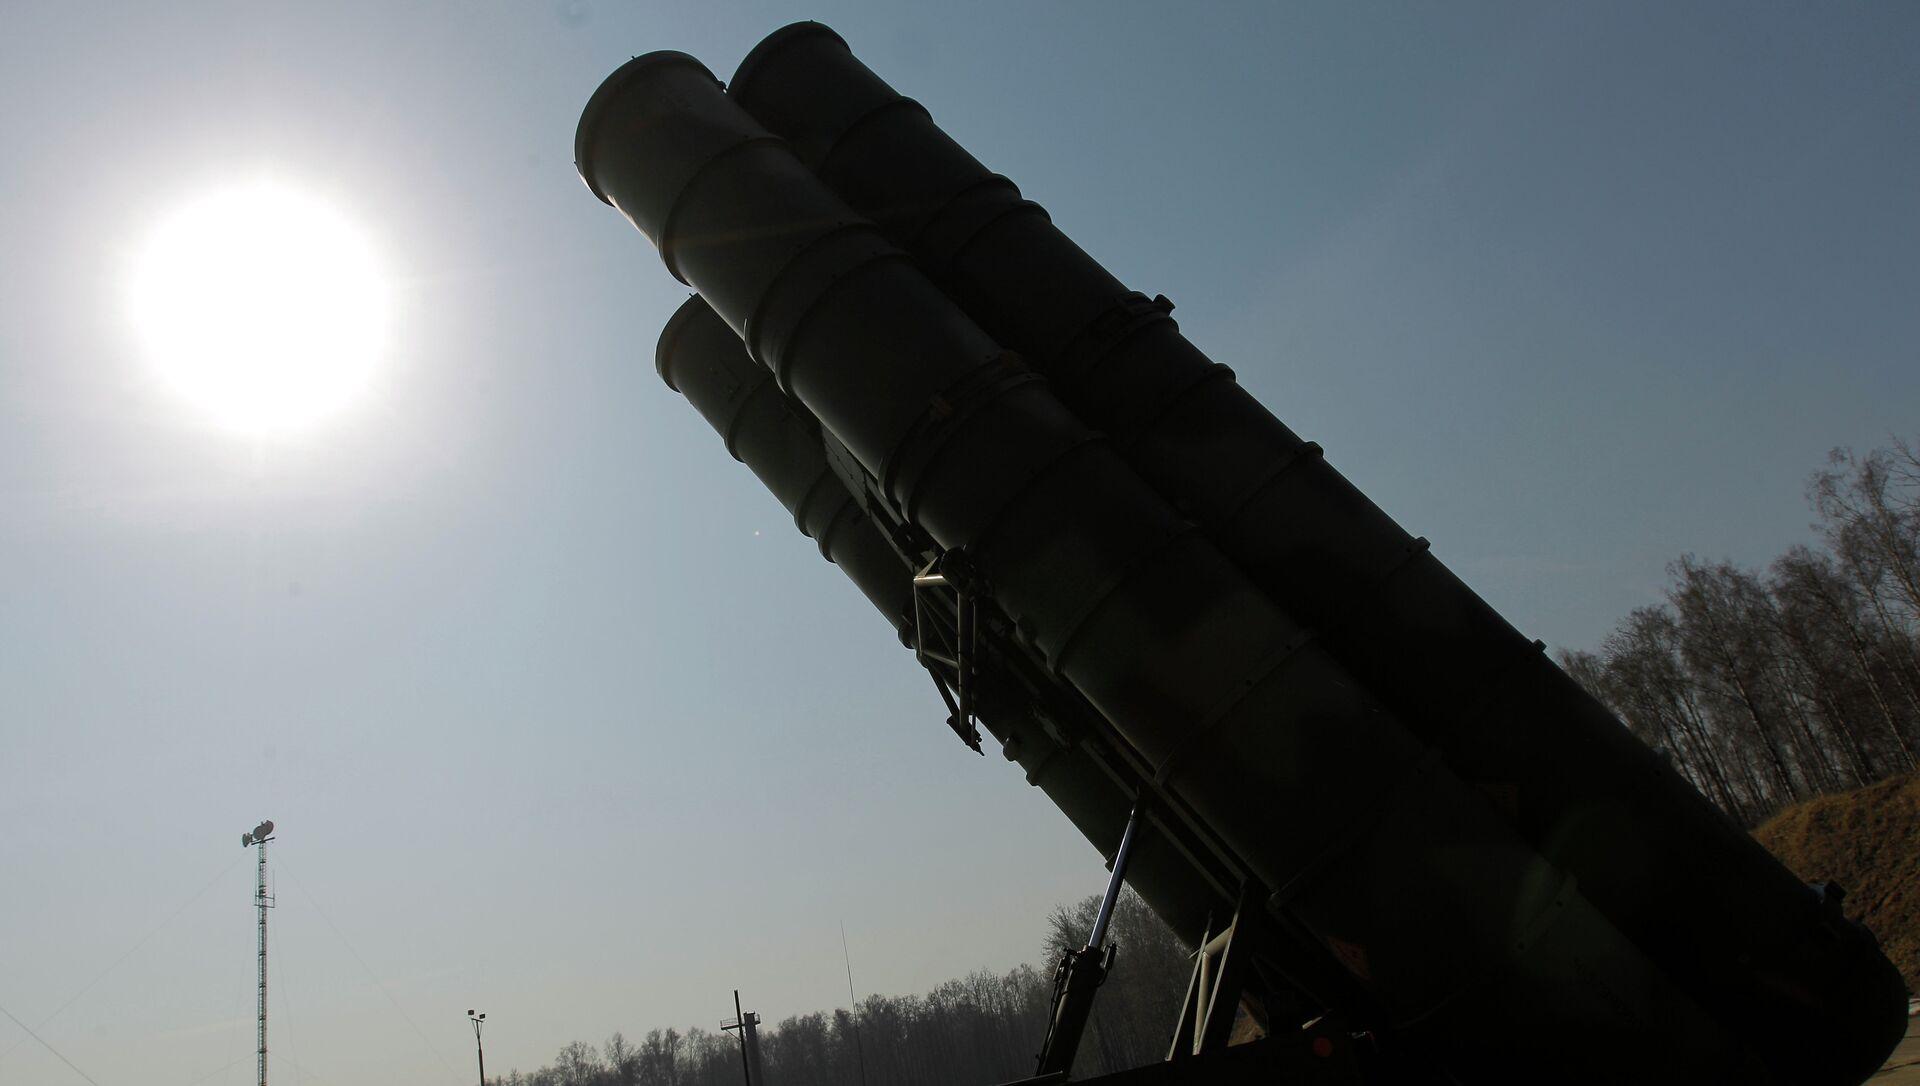 Зенитно-ракетный комплекс в боевом положении - Sputnik Беларусь, 1920, 31.05.2021